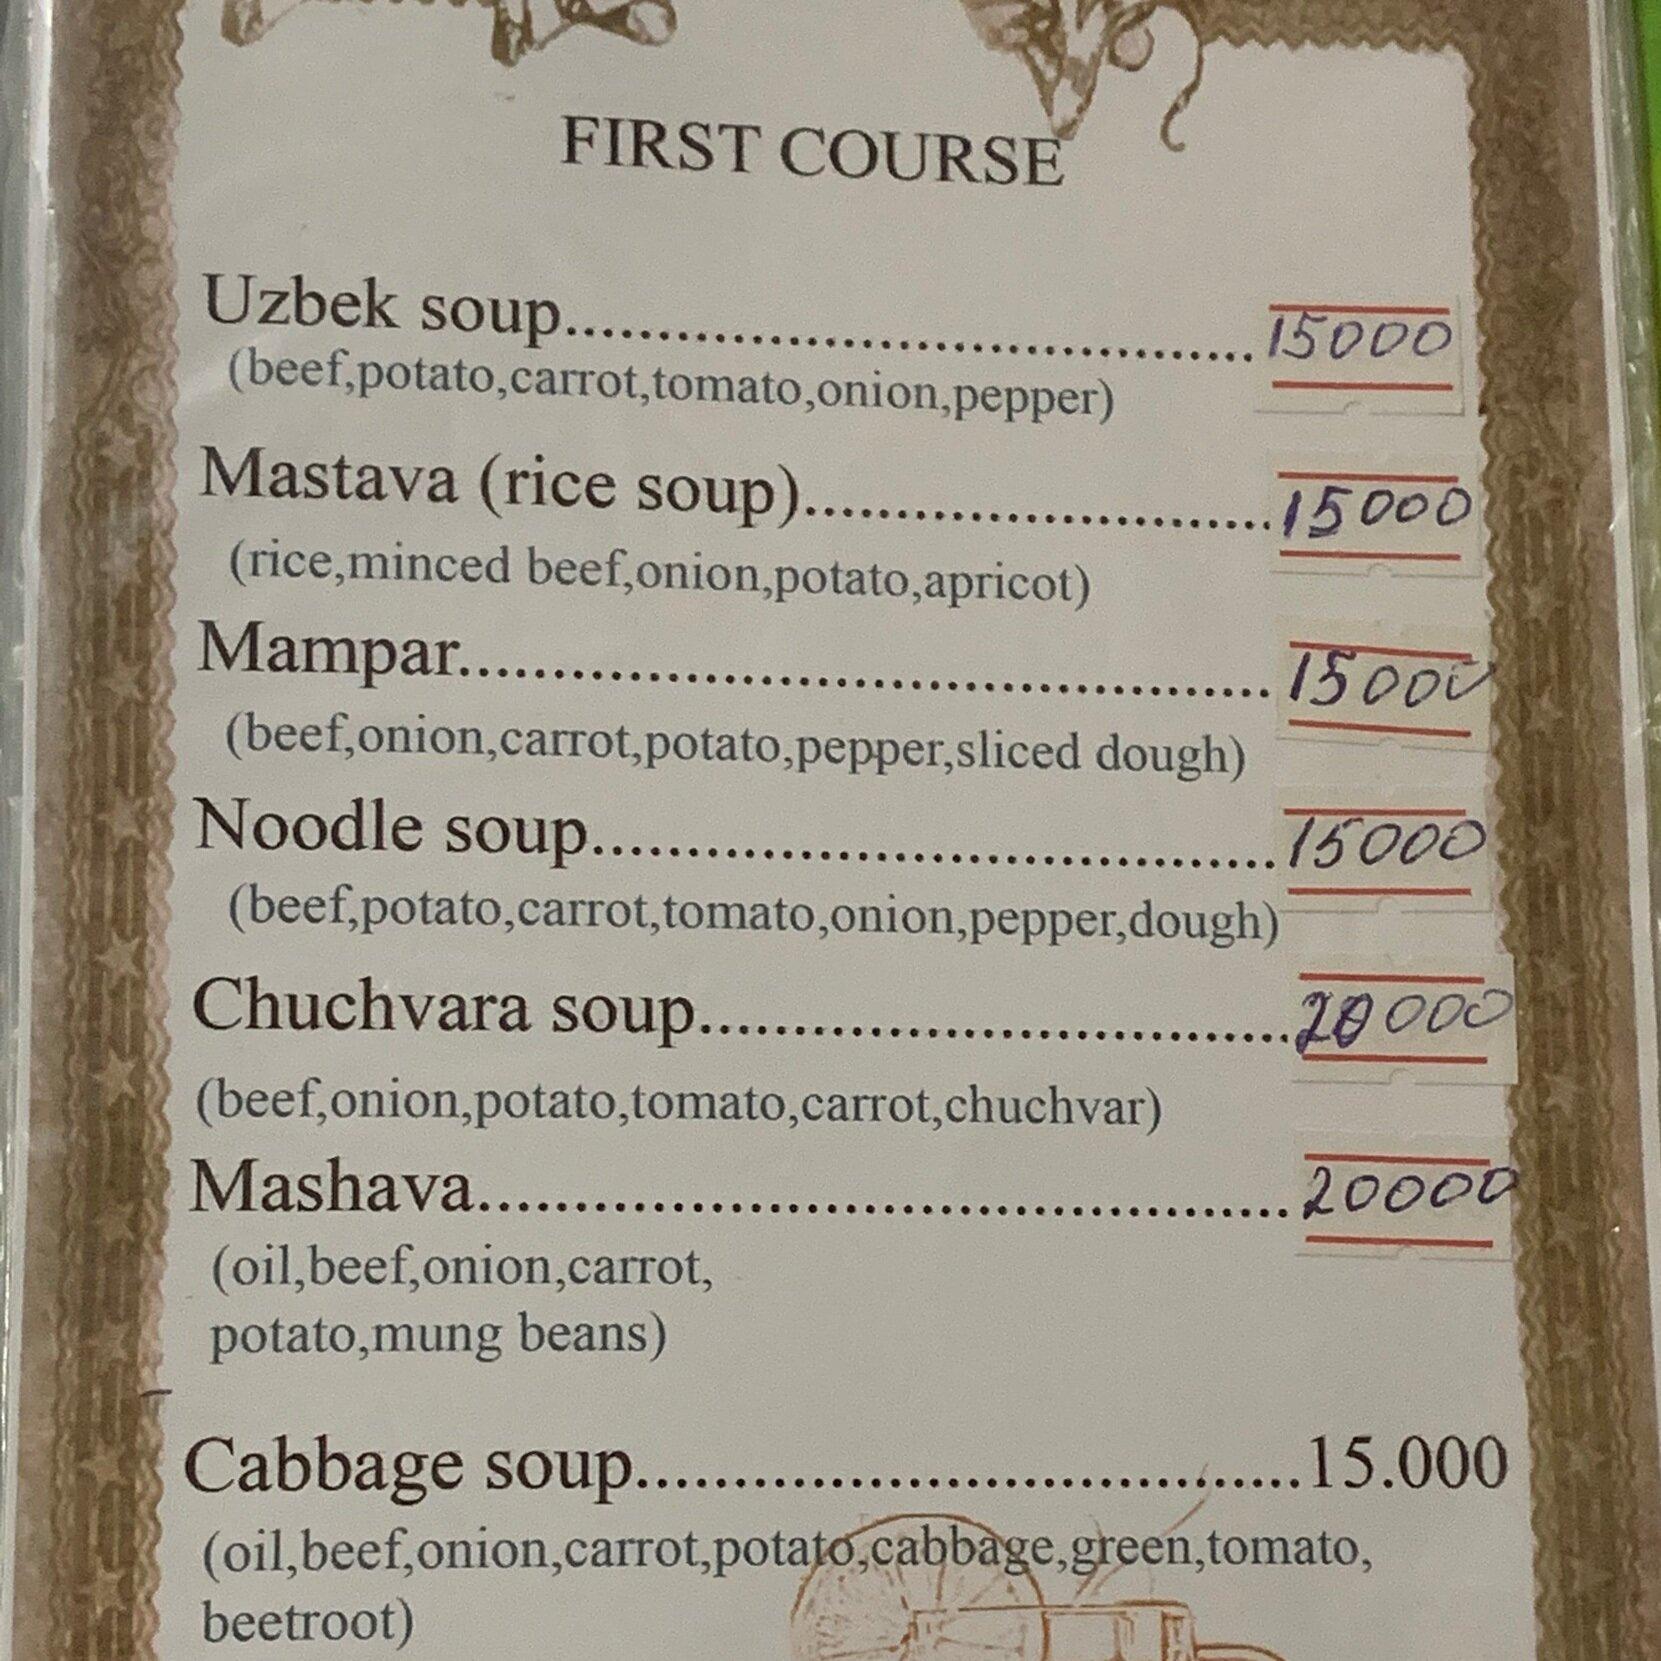 زيادة زيادة الأسعار كما تبدو بشكل واضح على قائمة الطعام